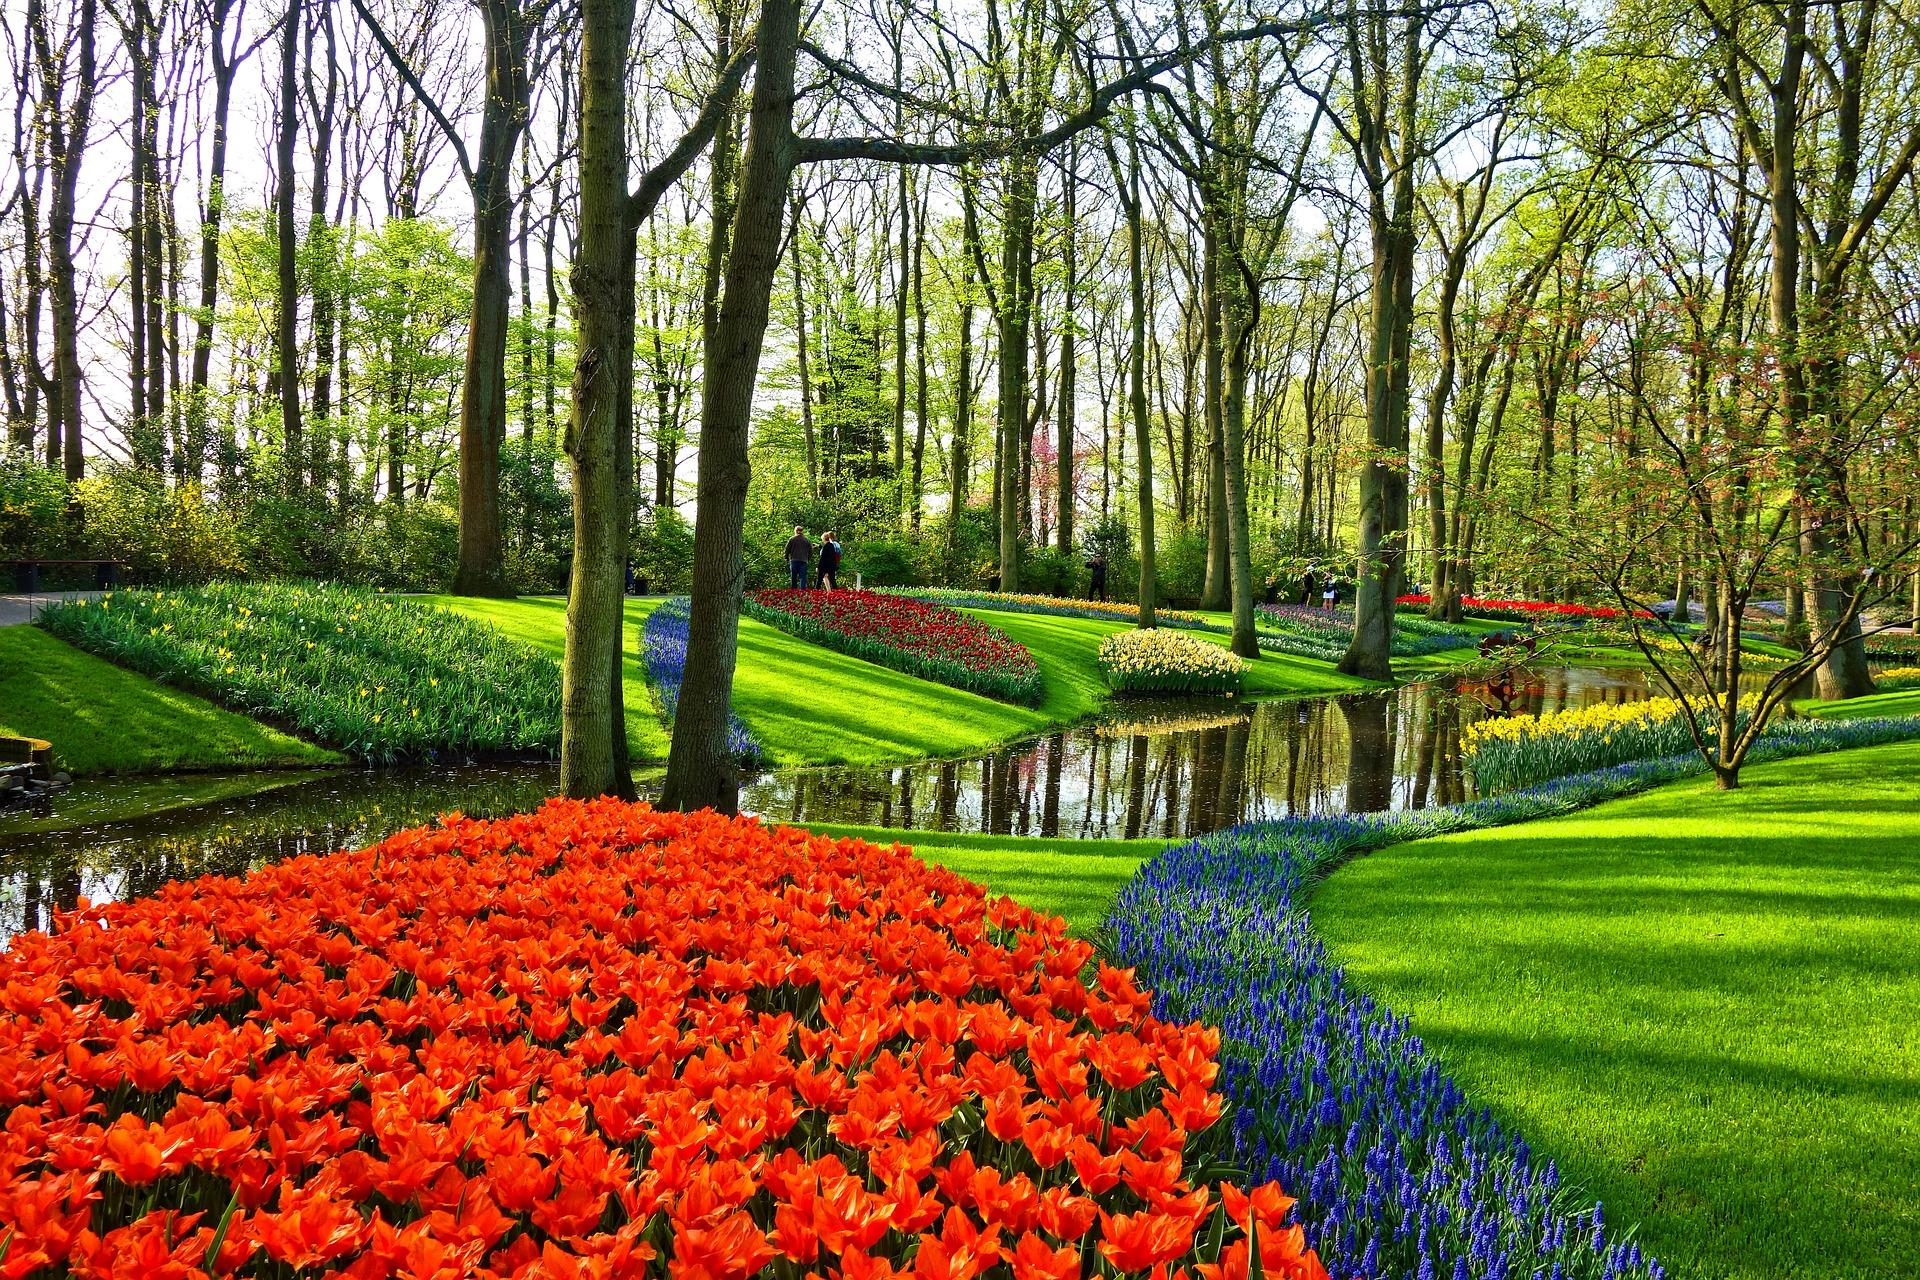 芝生の根切りに適した時期は春と秋